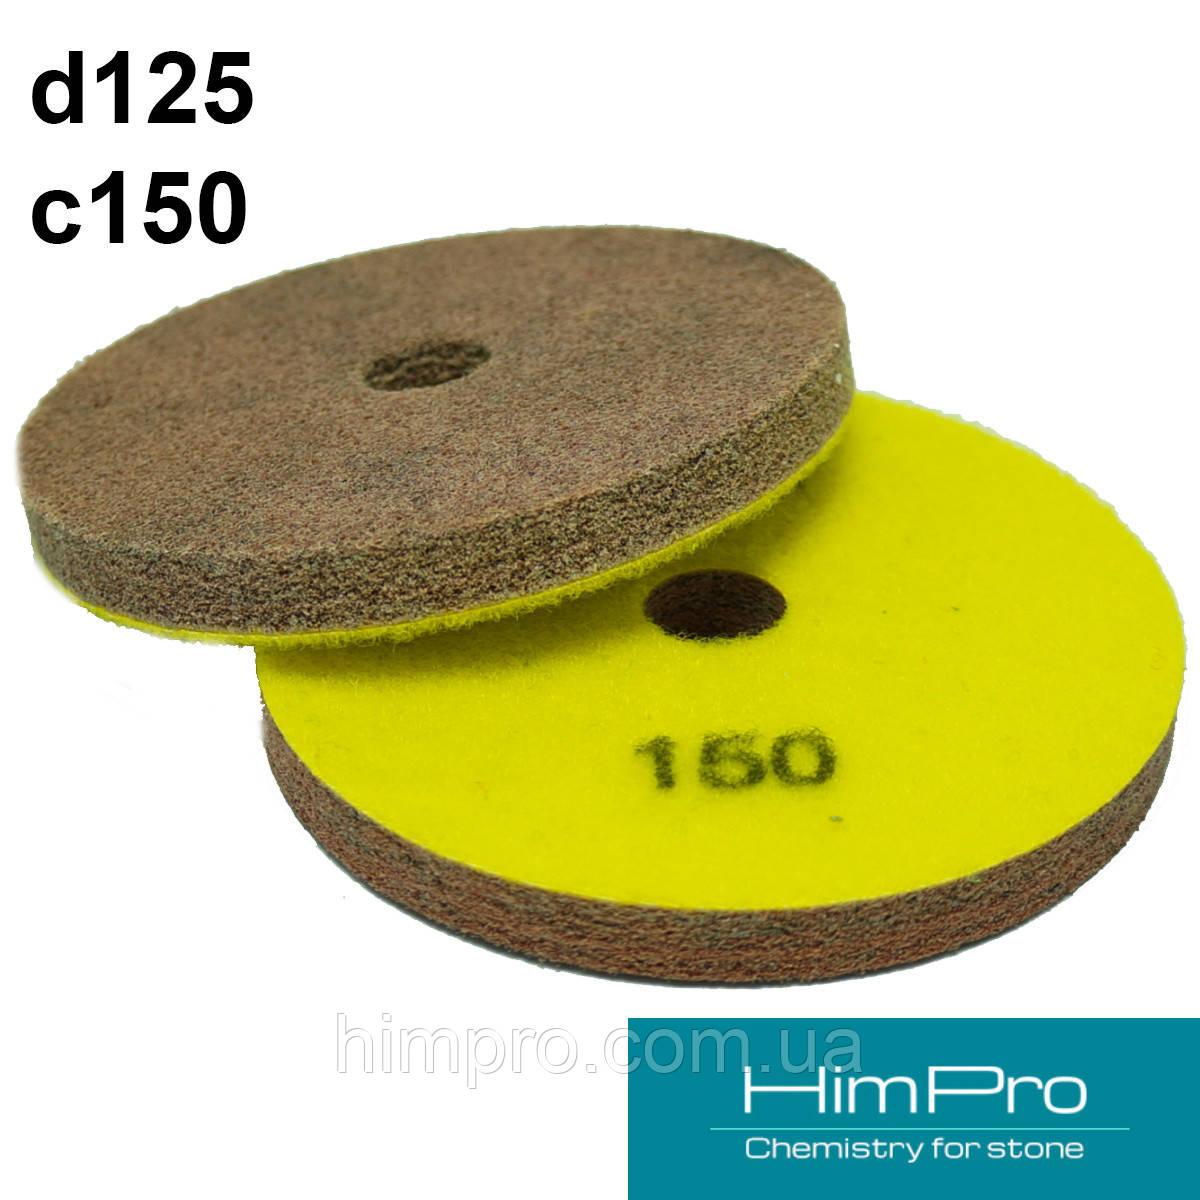 Алмазные спонжи d125 C150